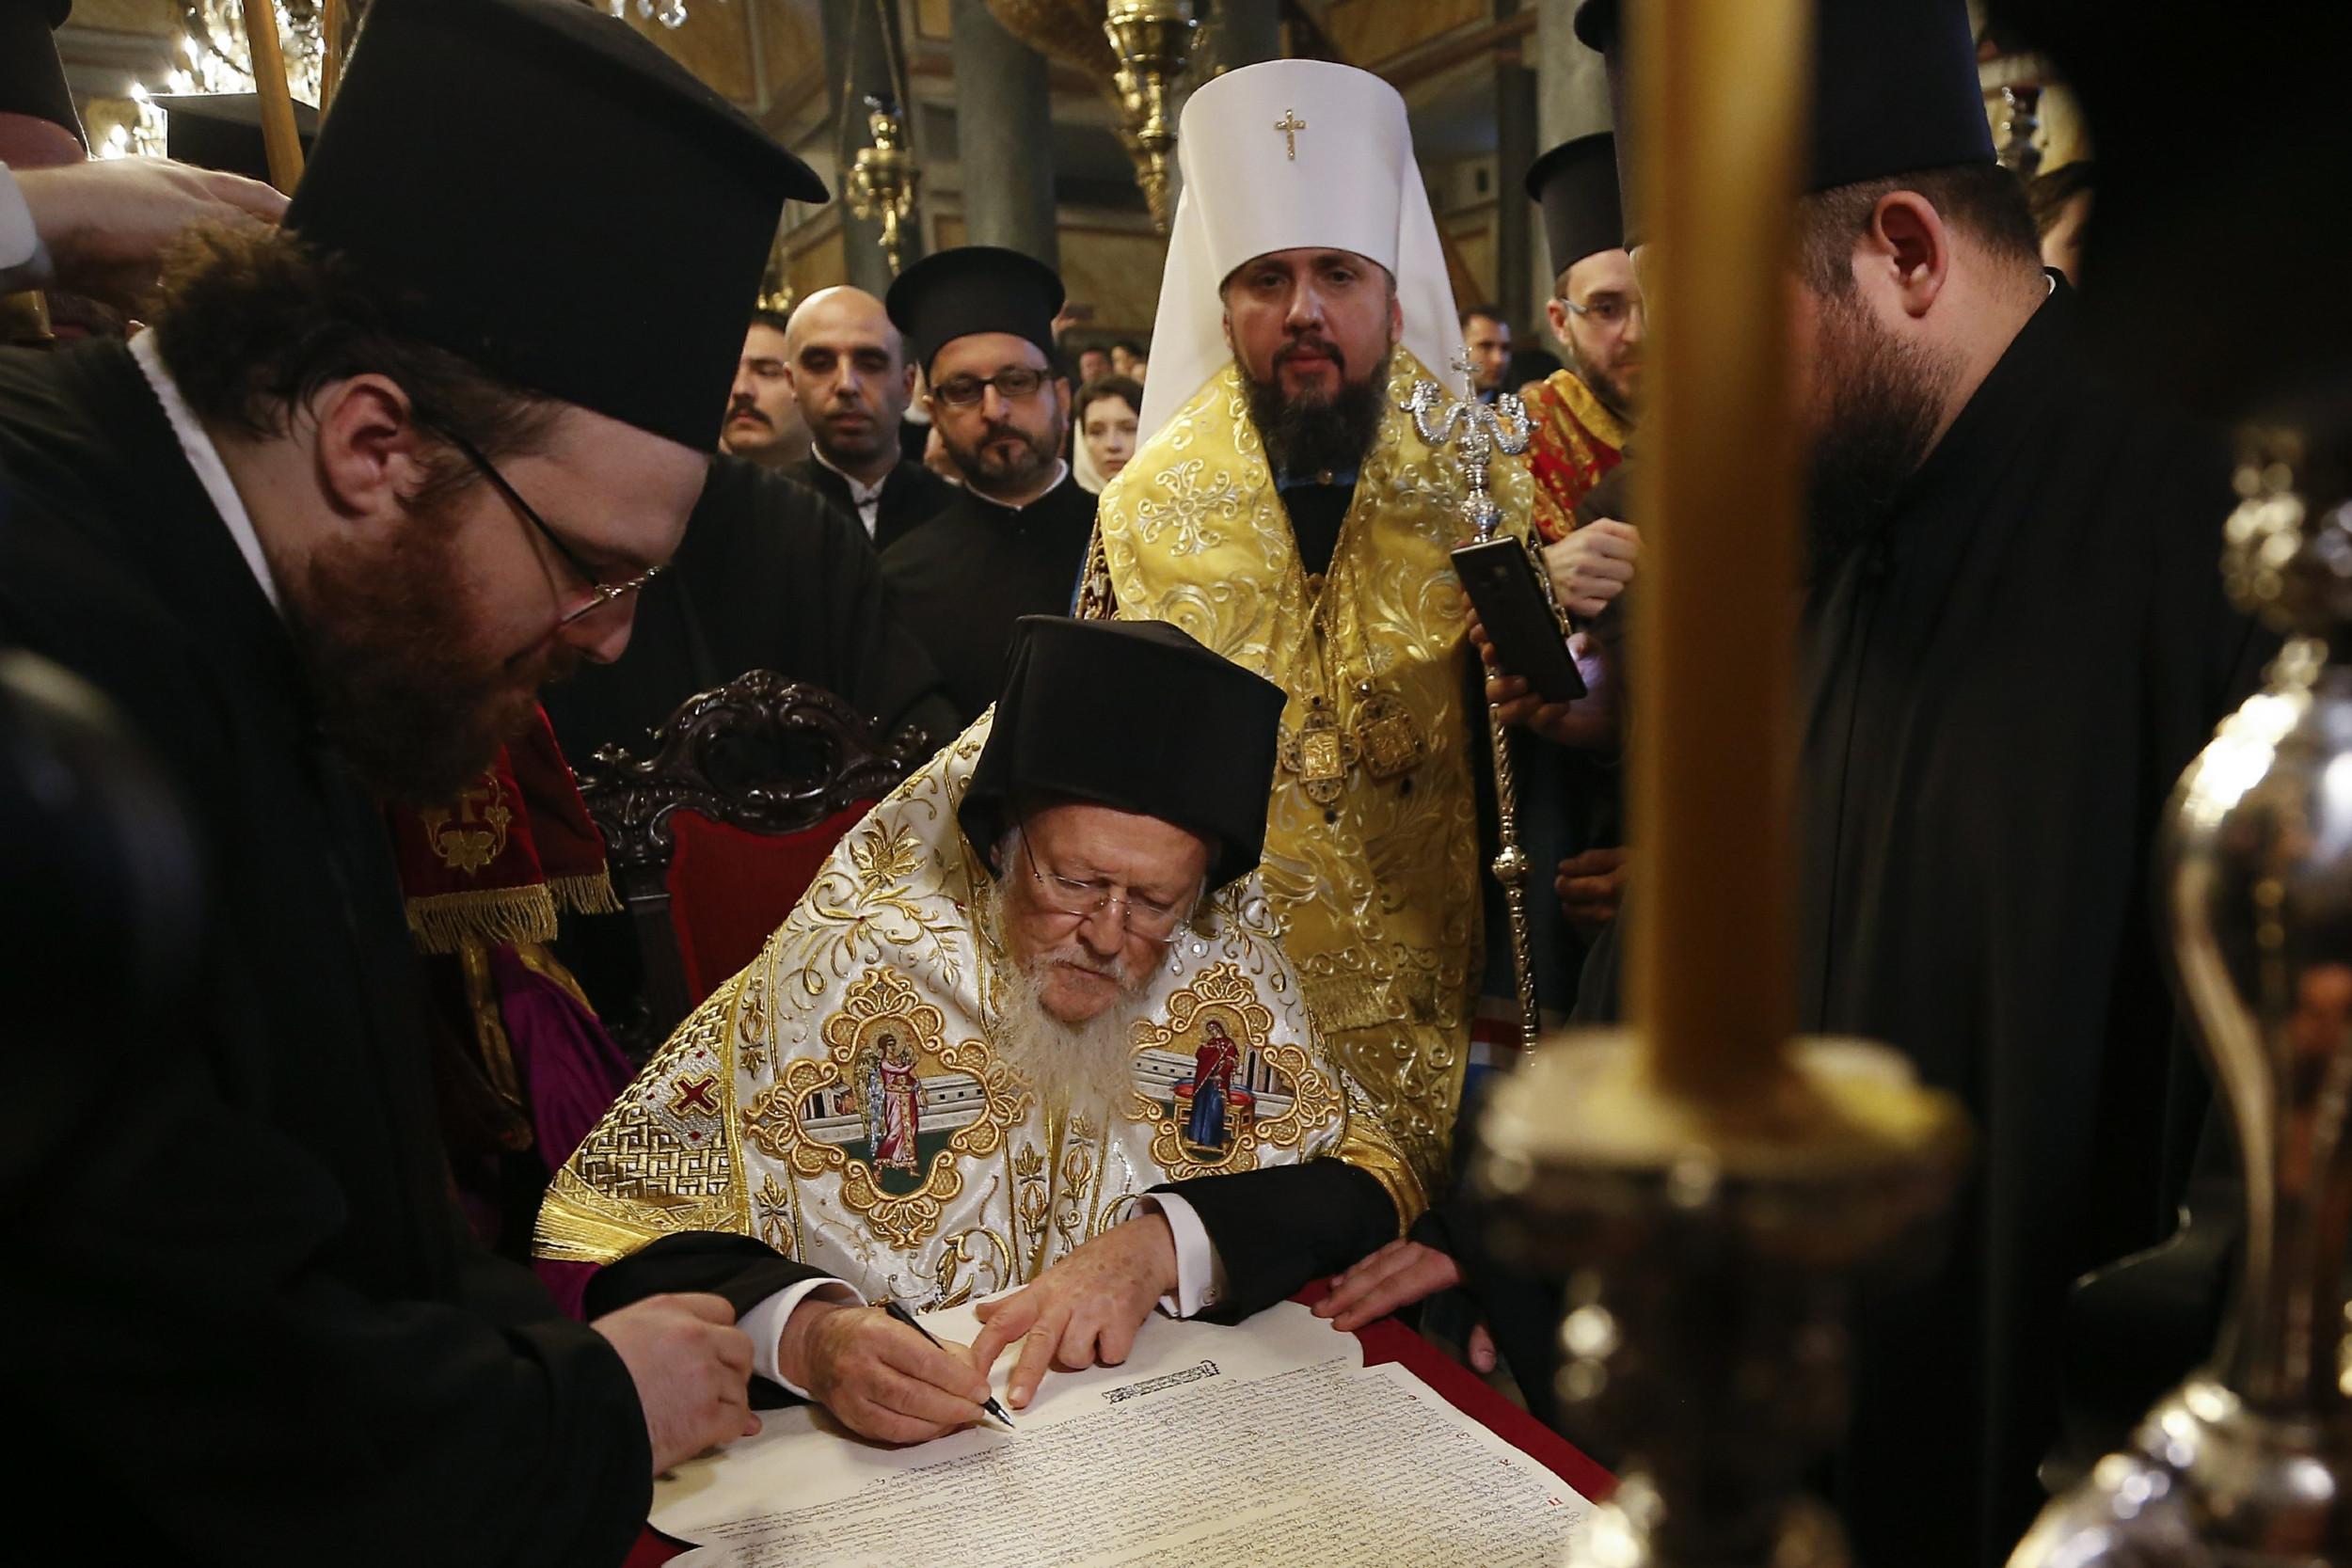 Васељенски патријарх Вартоломеј I потписује Томос о аутокефалности Православне цркве Украјине, Истанбул, 05. јануар 2019. (Фото: AP Photo/Emrah Gurel)